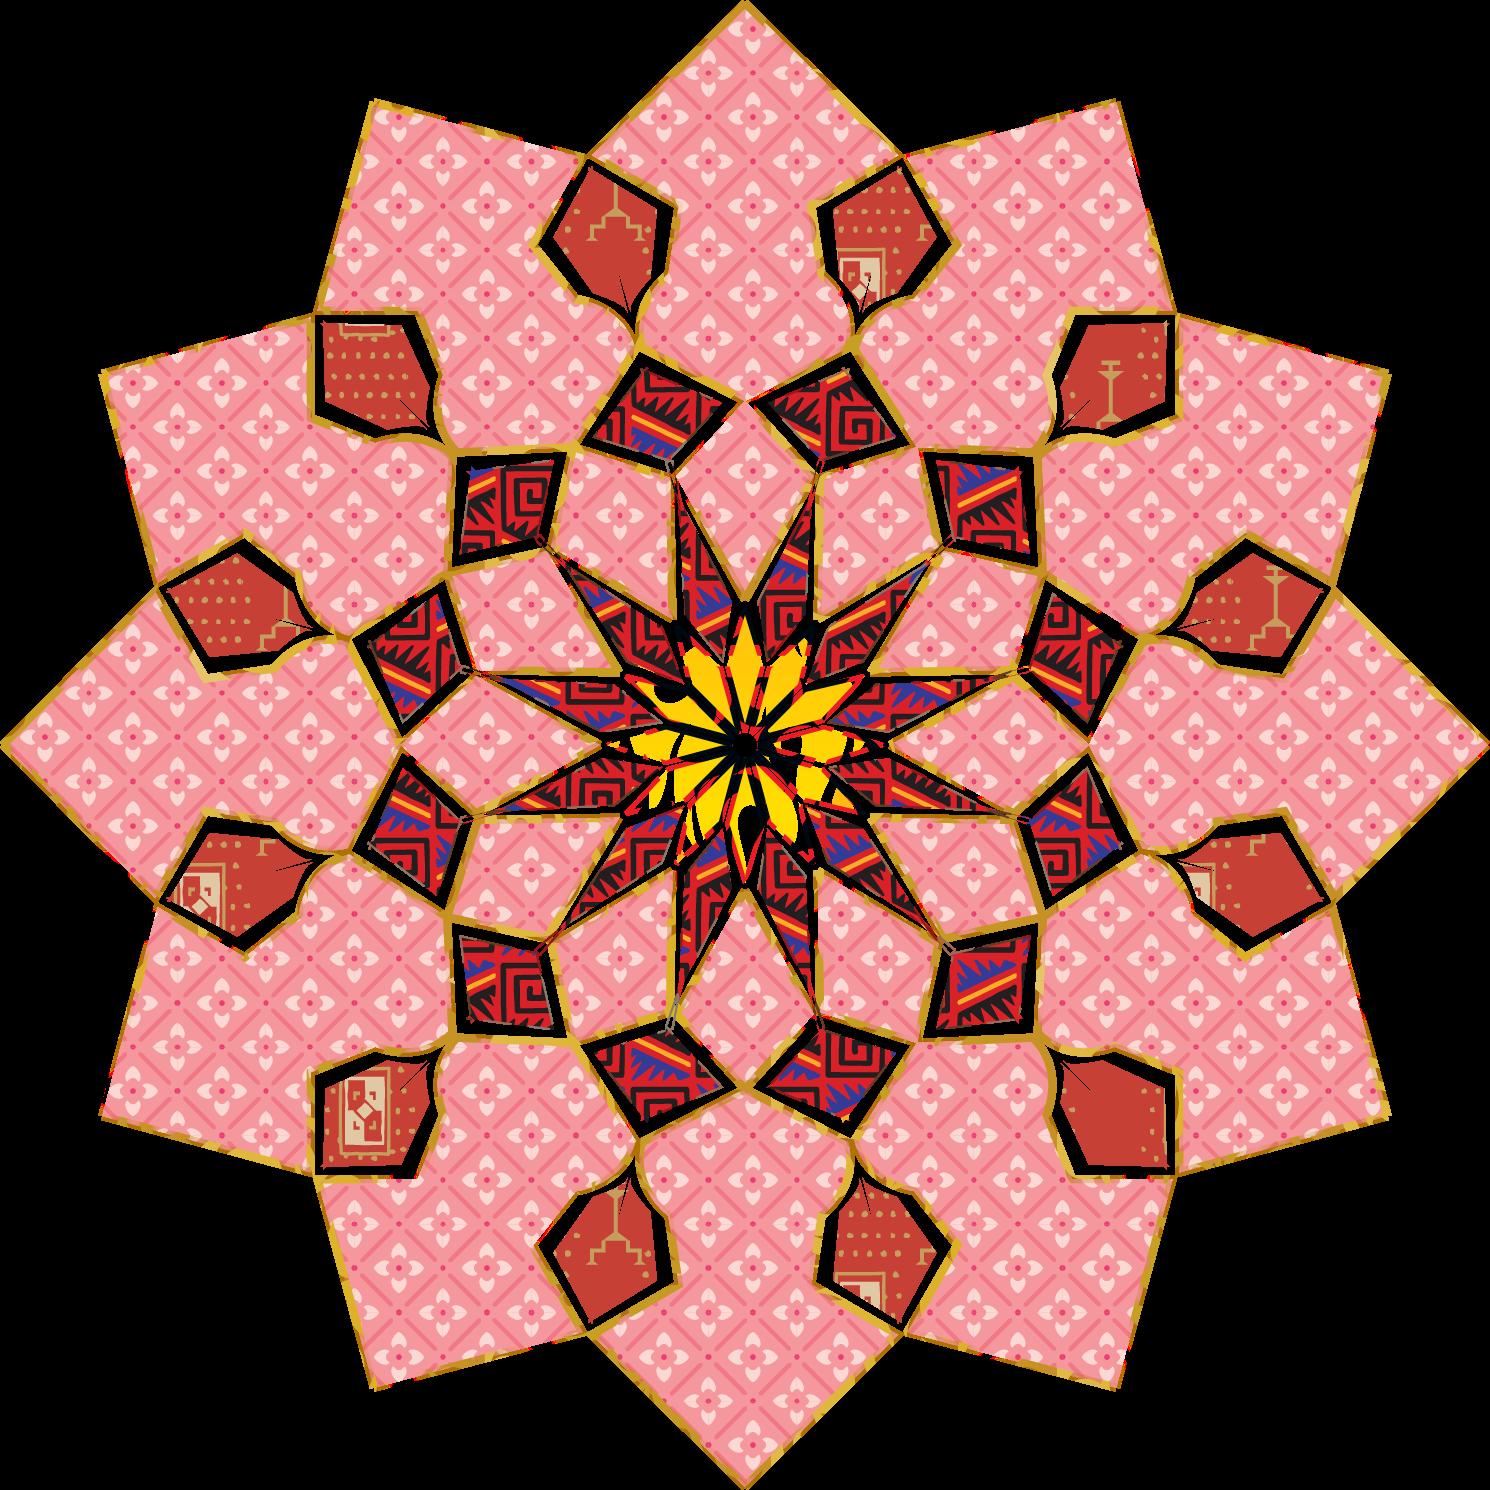 زخارف ملونة اسلامية للتصميم مفرغة Png